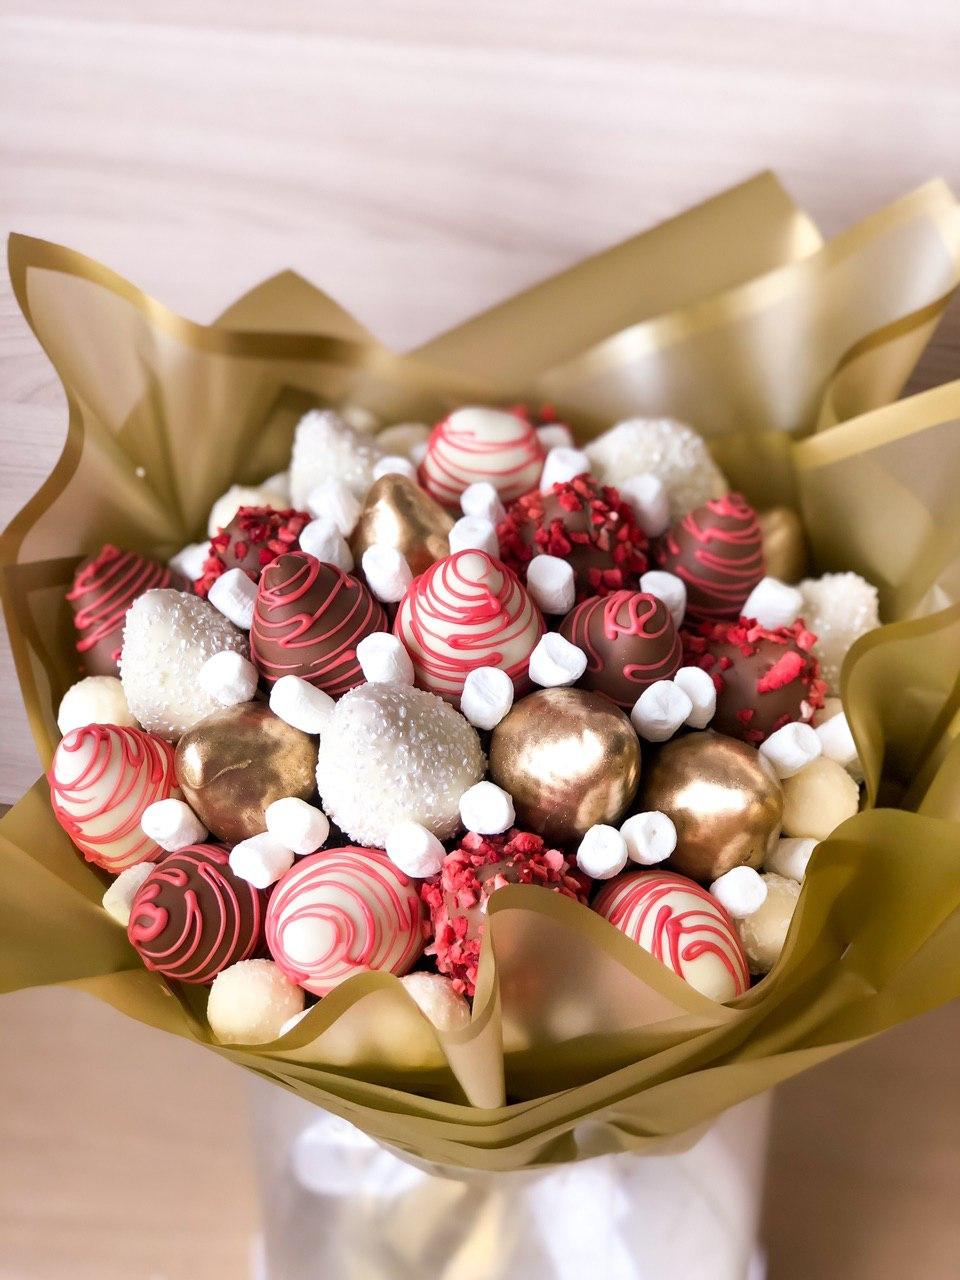 Букет из клубники в шоколаде 25 ягод